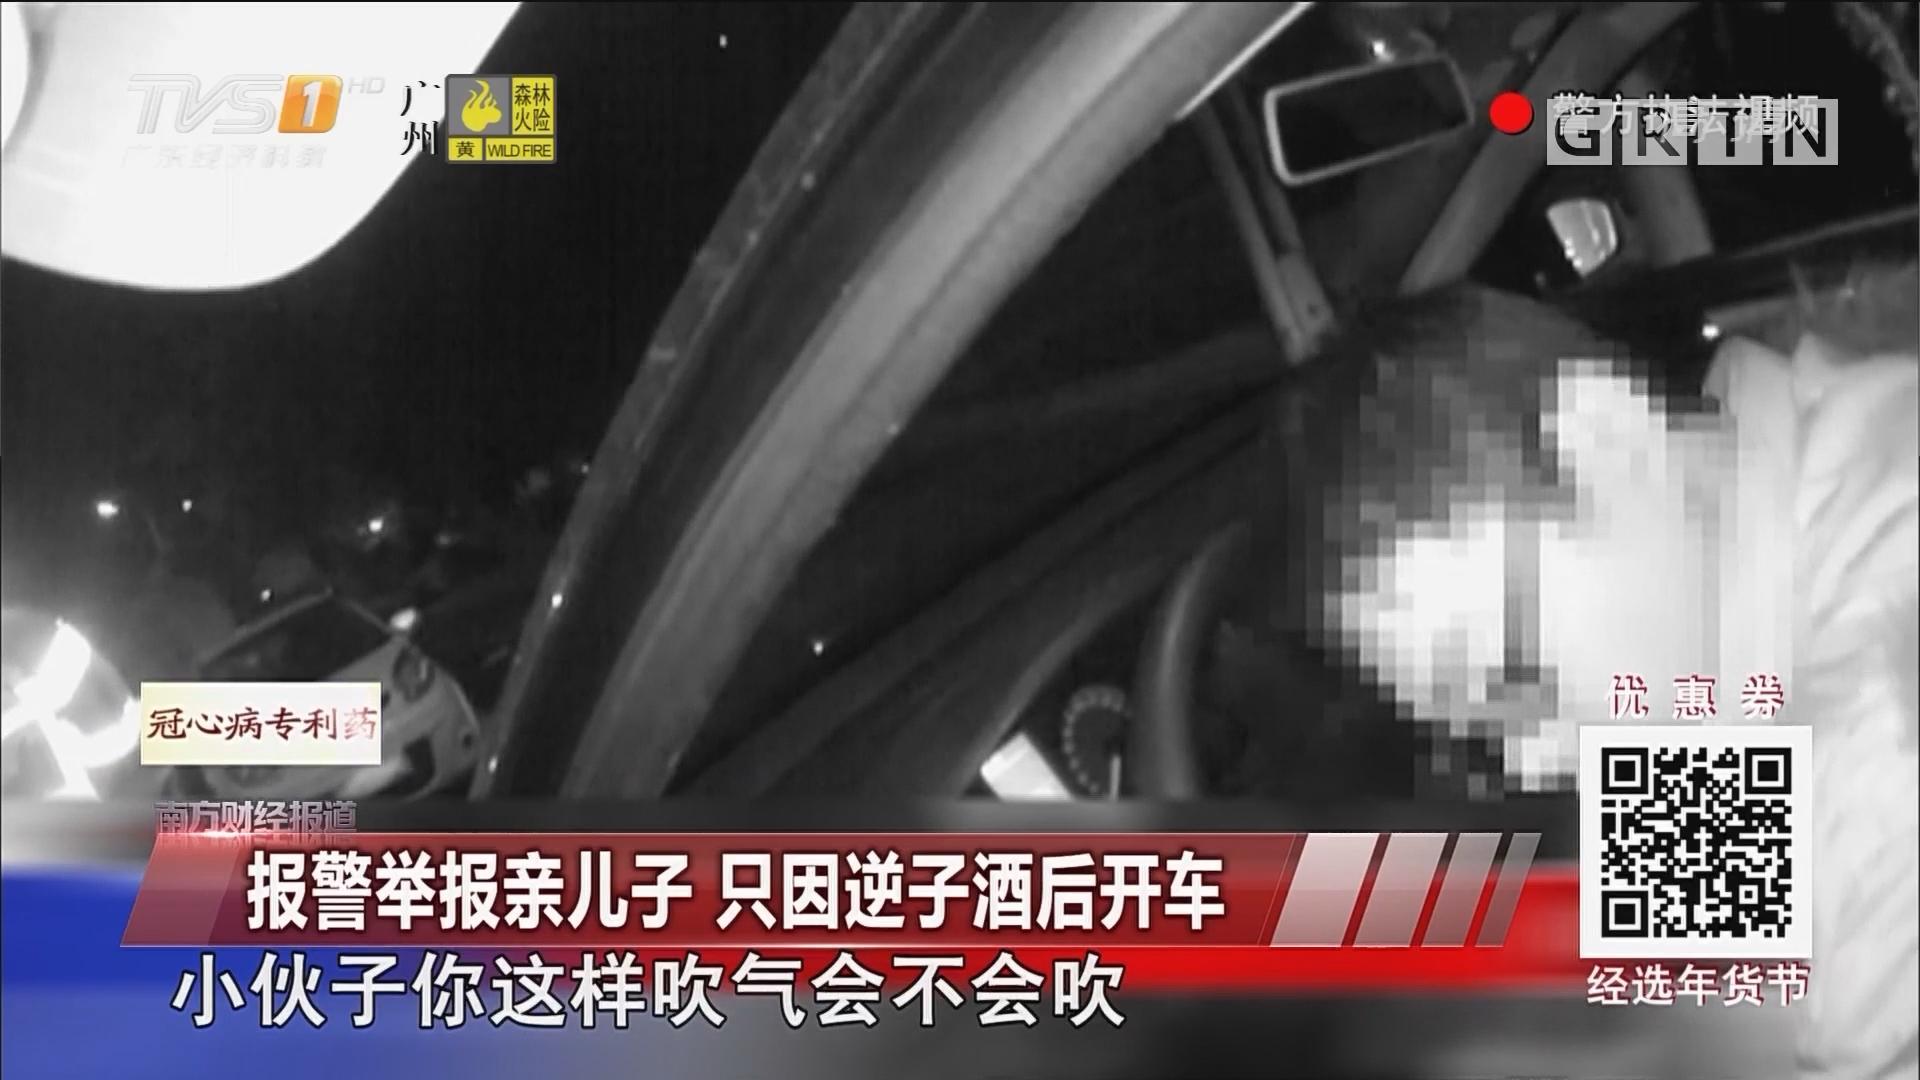 报警举报亲儿子 只因逆子酒后开车